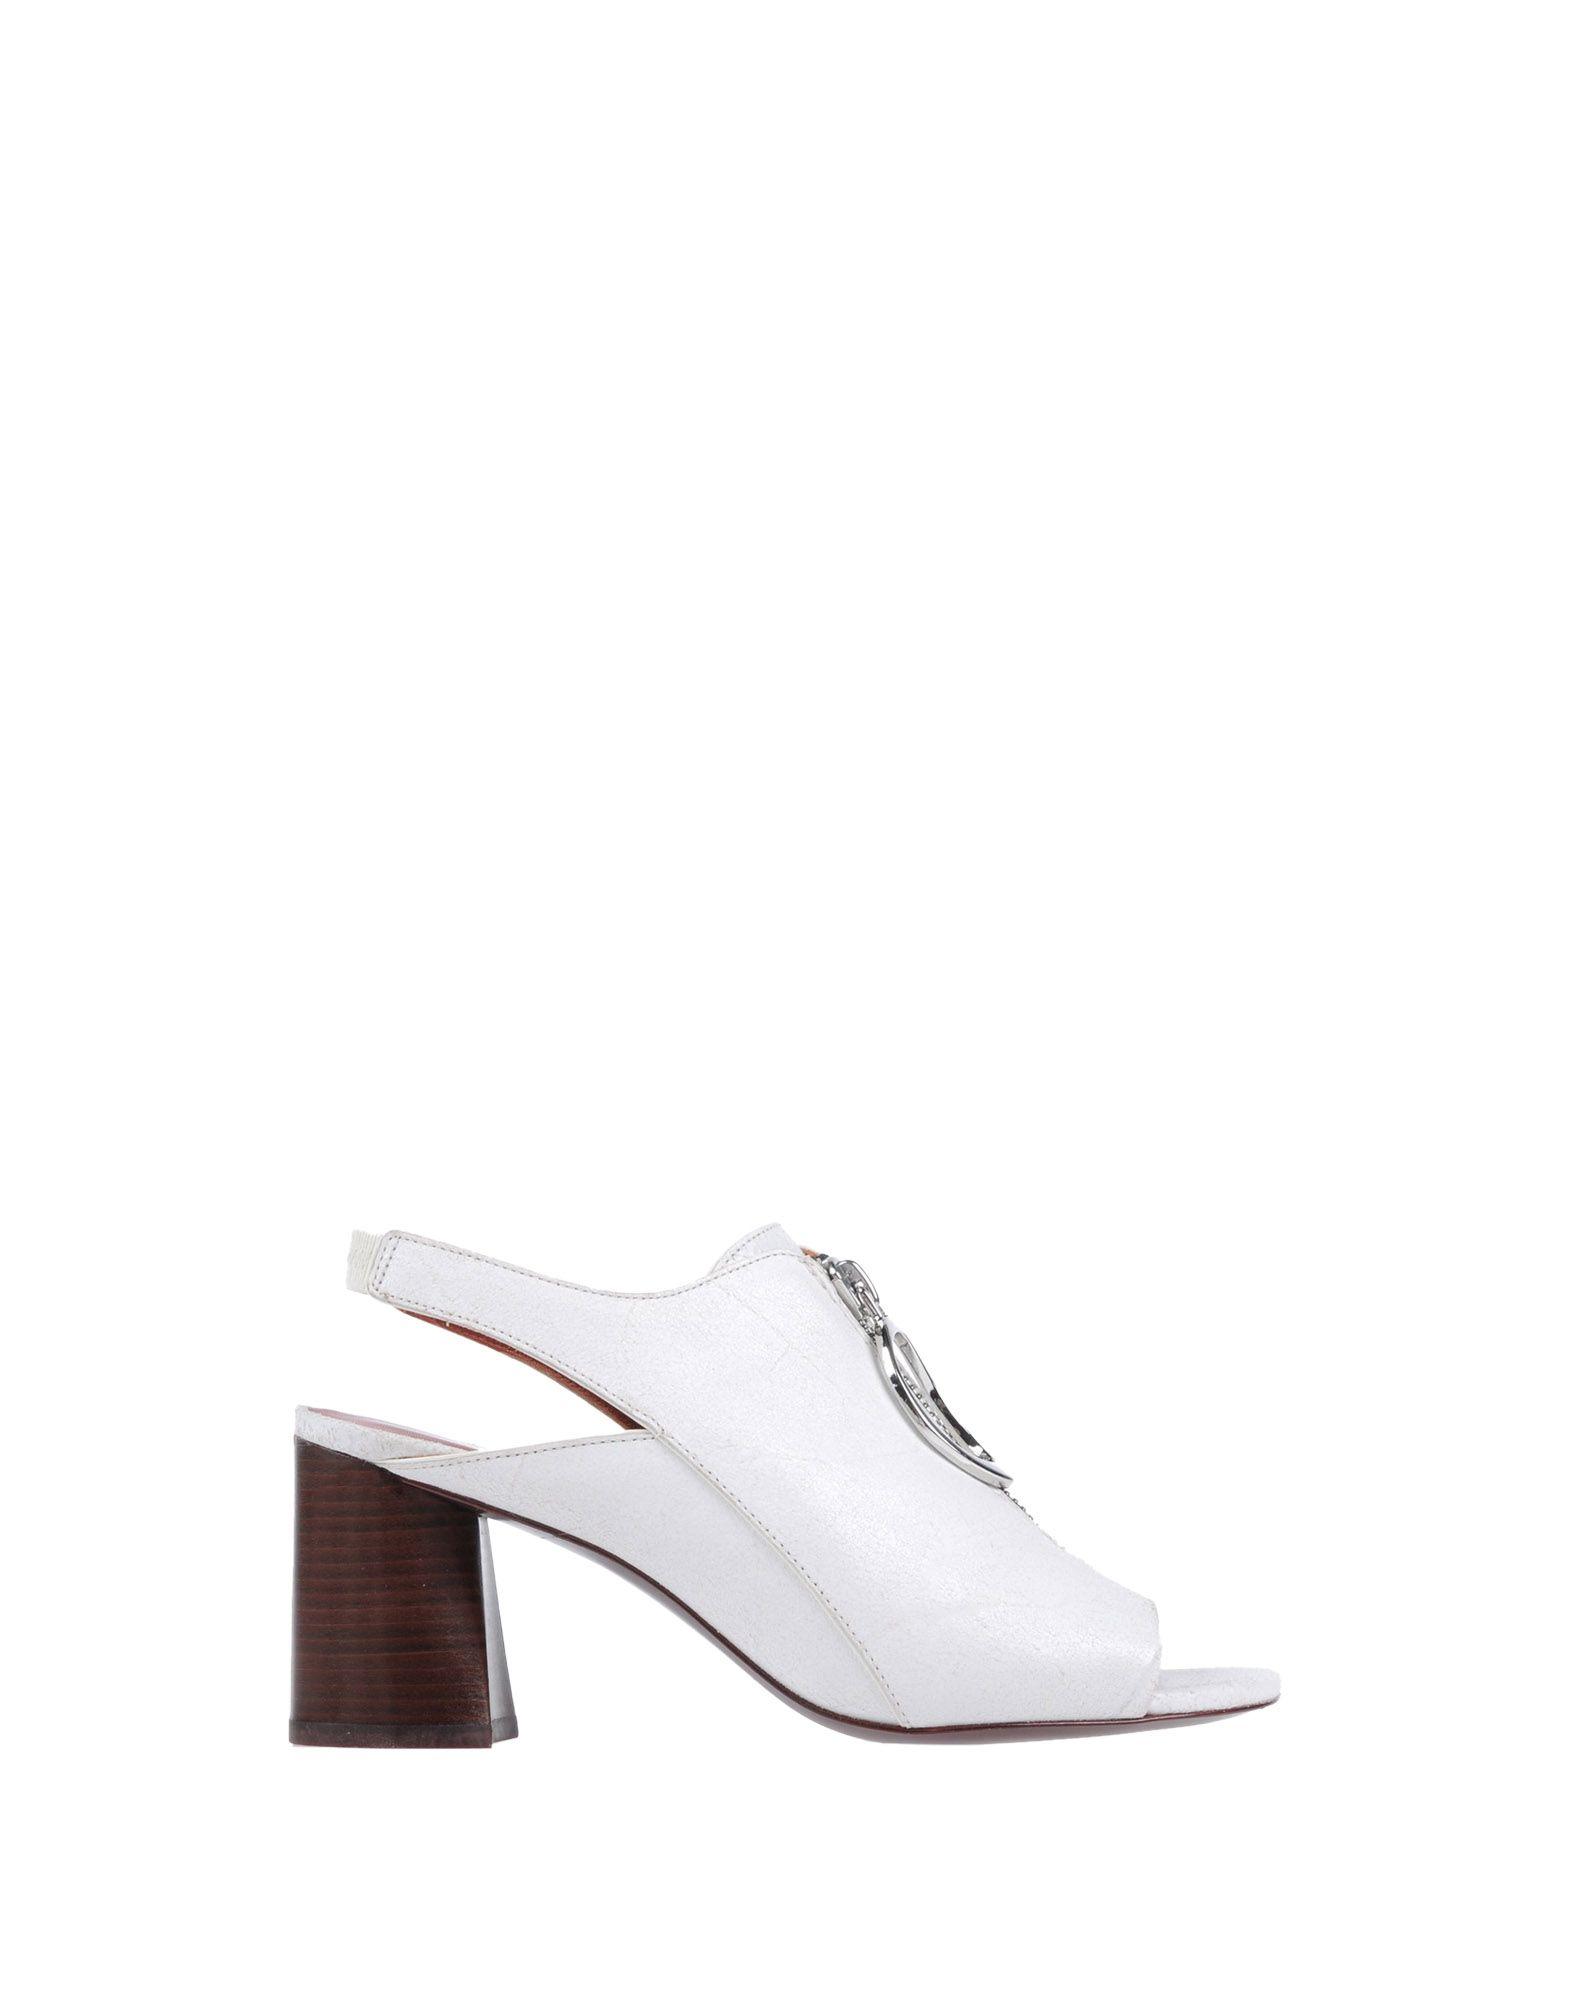 3.1 Phillip Lim Sandalen Damen  11439758QJGut aussehende strapazierfähige Schuhe